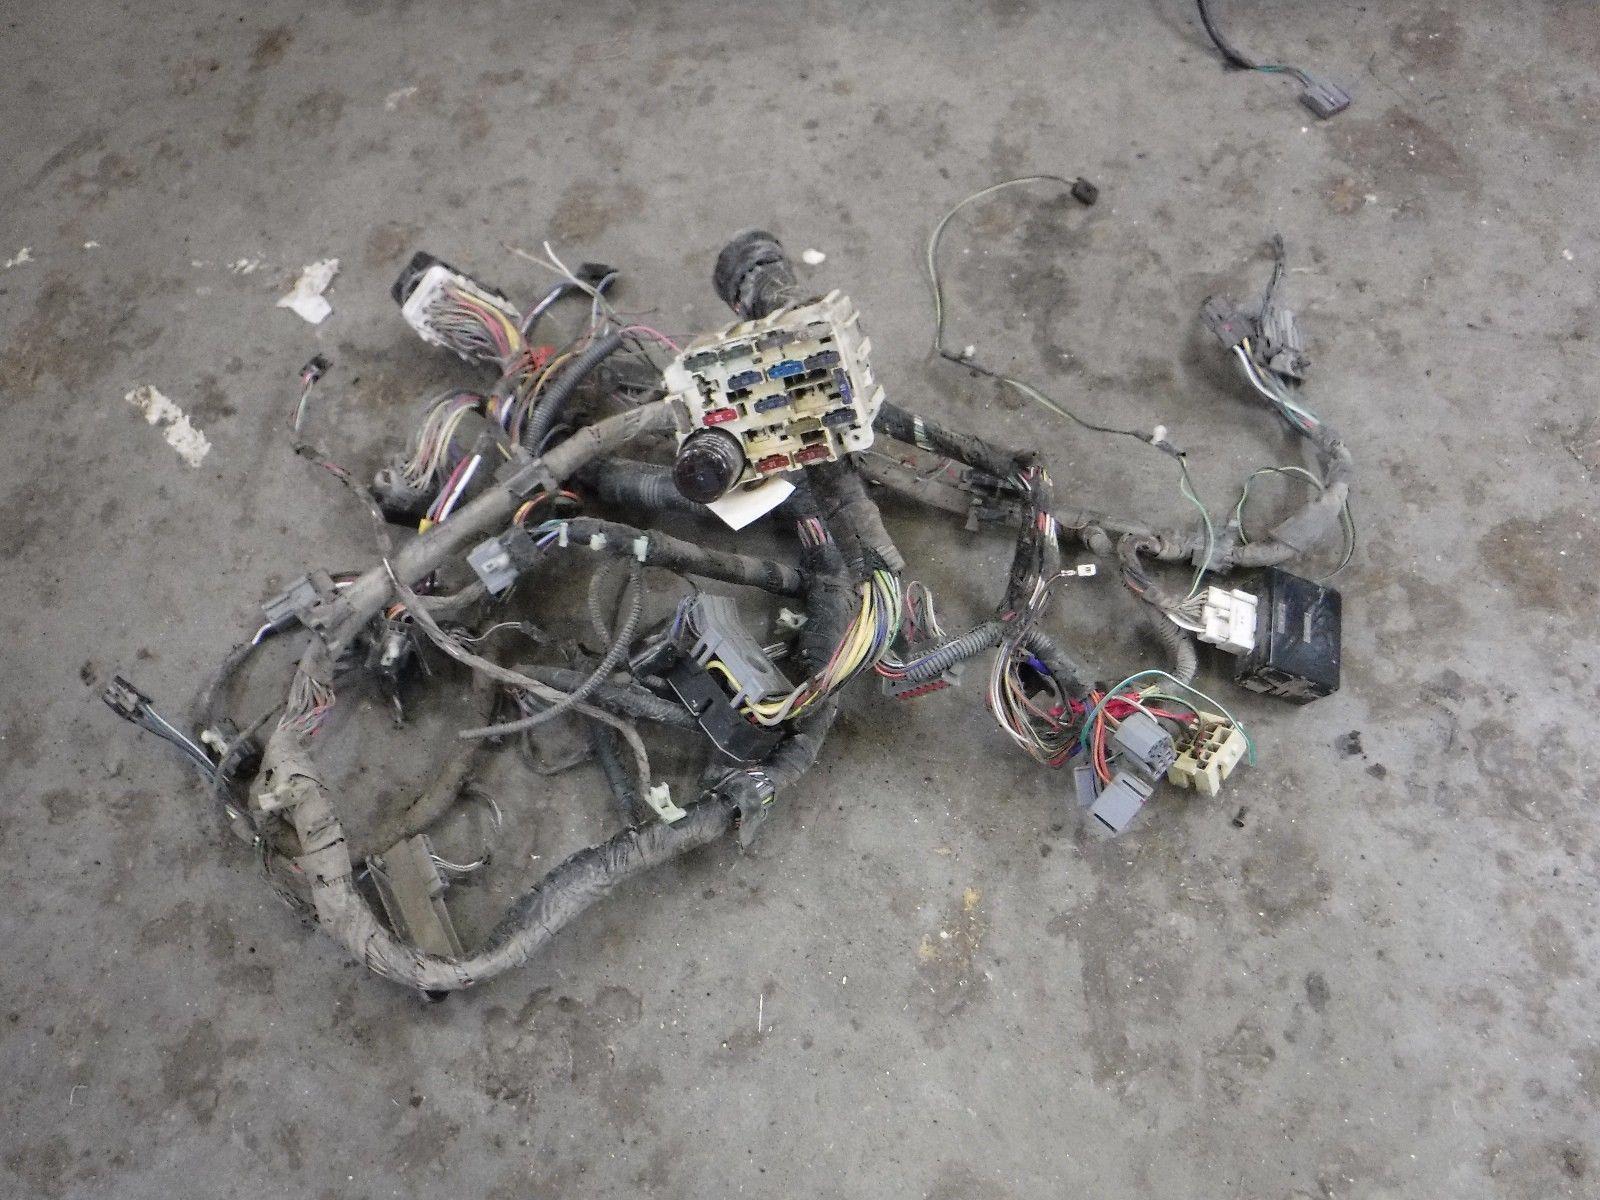 hight resolution of 1995 1997 ford f350 xl manual 4x4 dash wiring harness f5tb14401 el 1995 f350 4x4 wiring harness